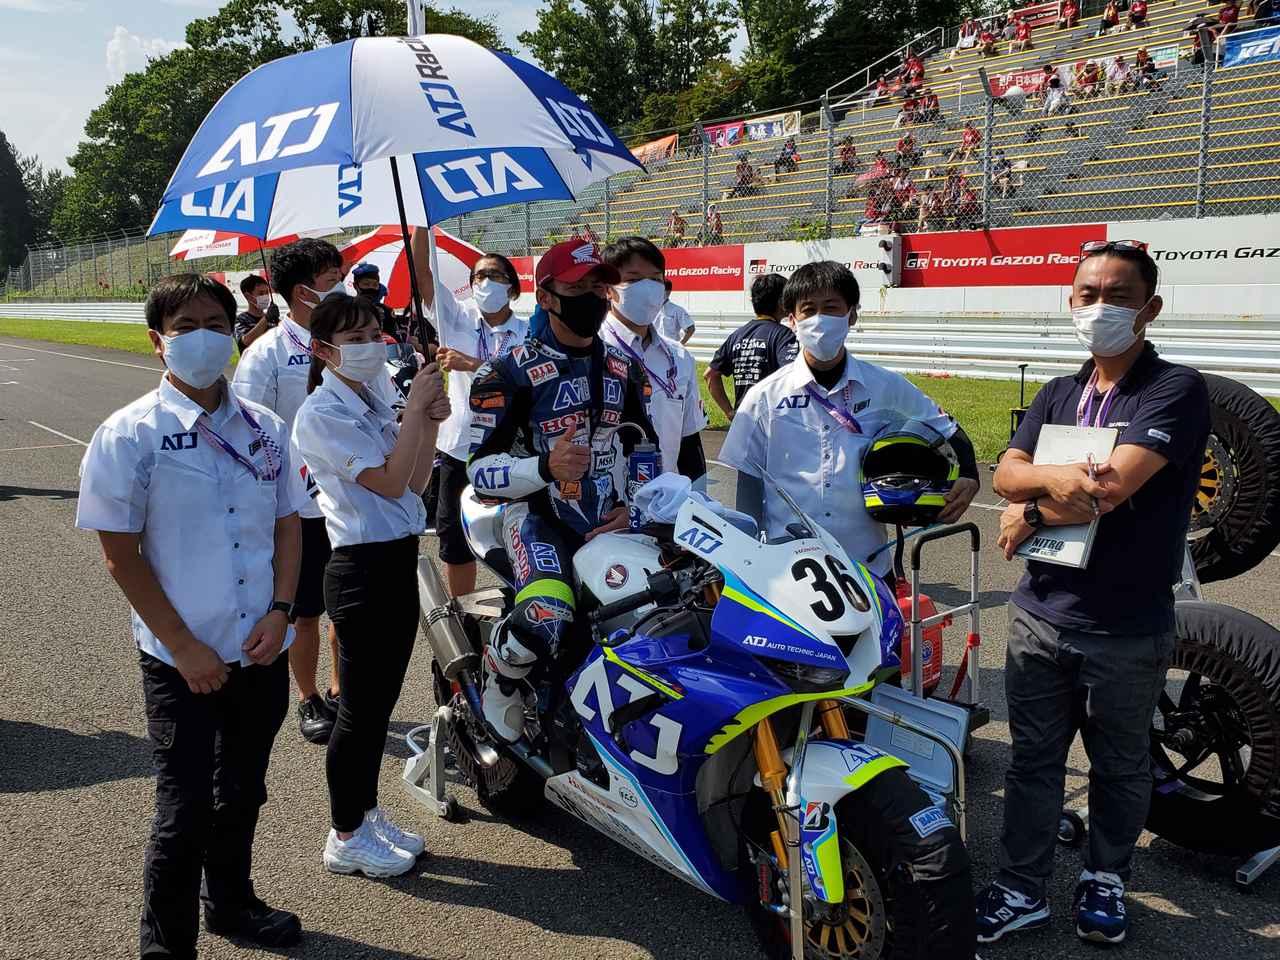 Images : 8番目の画像 - 「60枚以上の写真でお届け! ファンの皆さんも熱かった全日本ロードレースSUGO大会!(大関さおり)」のアルバム - webオートバイ